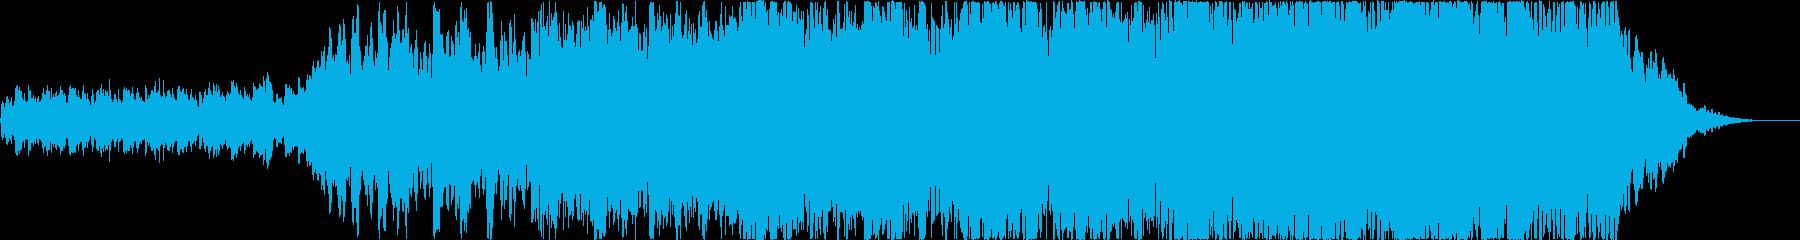 【1分】優しく感動的なポップオーケストラの再生済みの波形